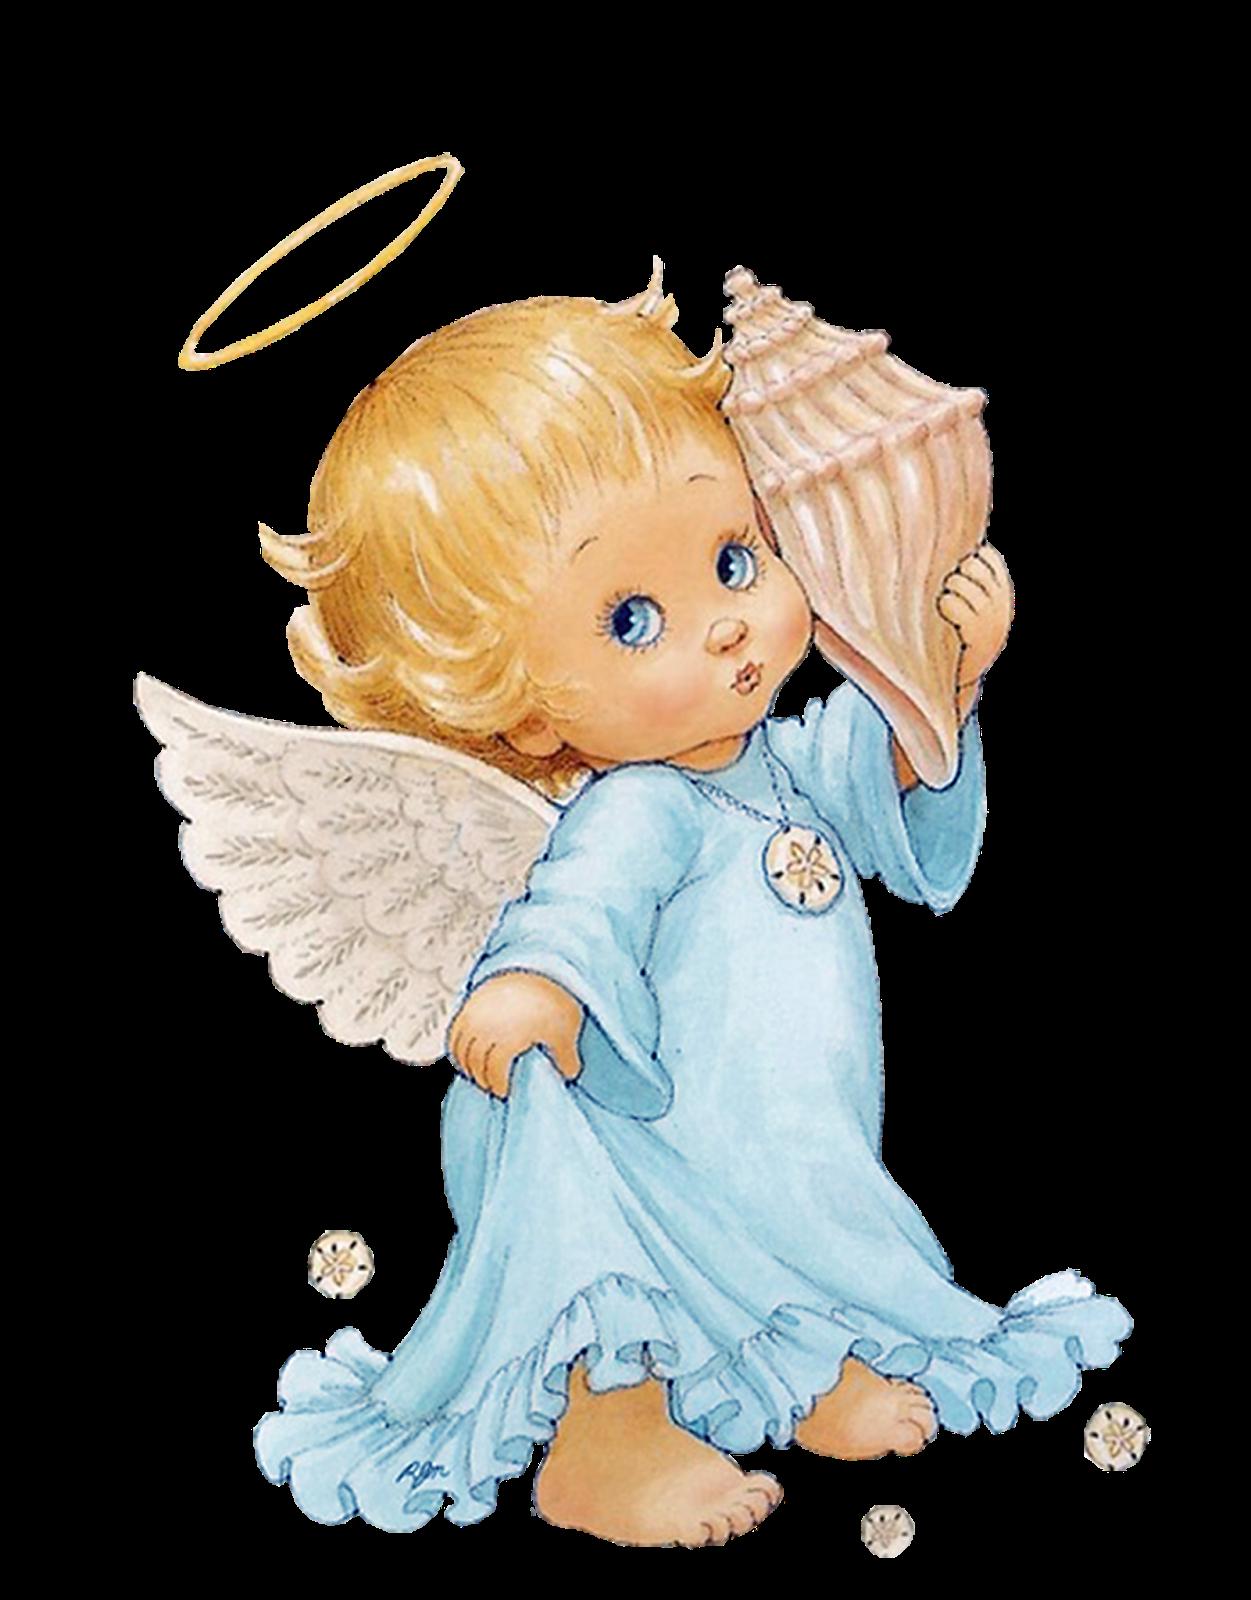 ангел на белом фоне картинка дереве предоставляет возможность